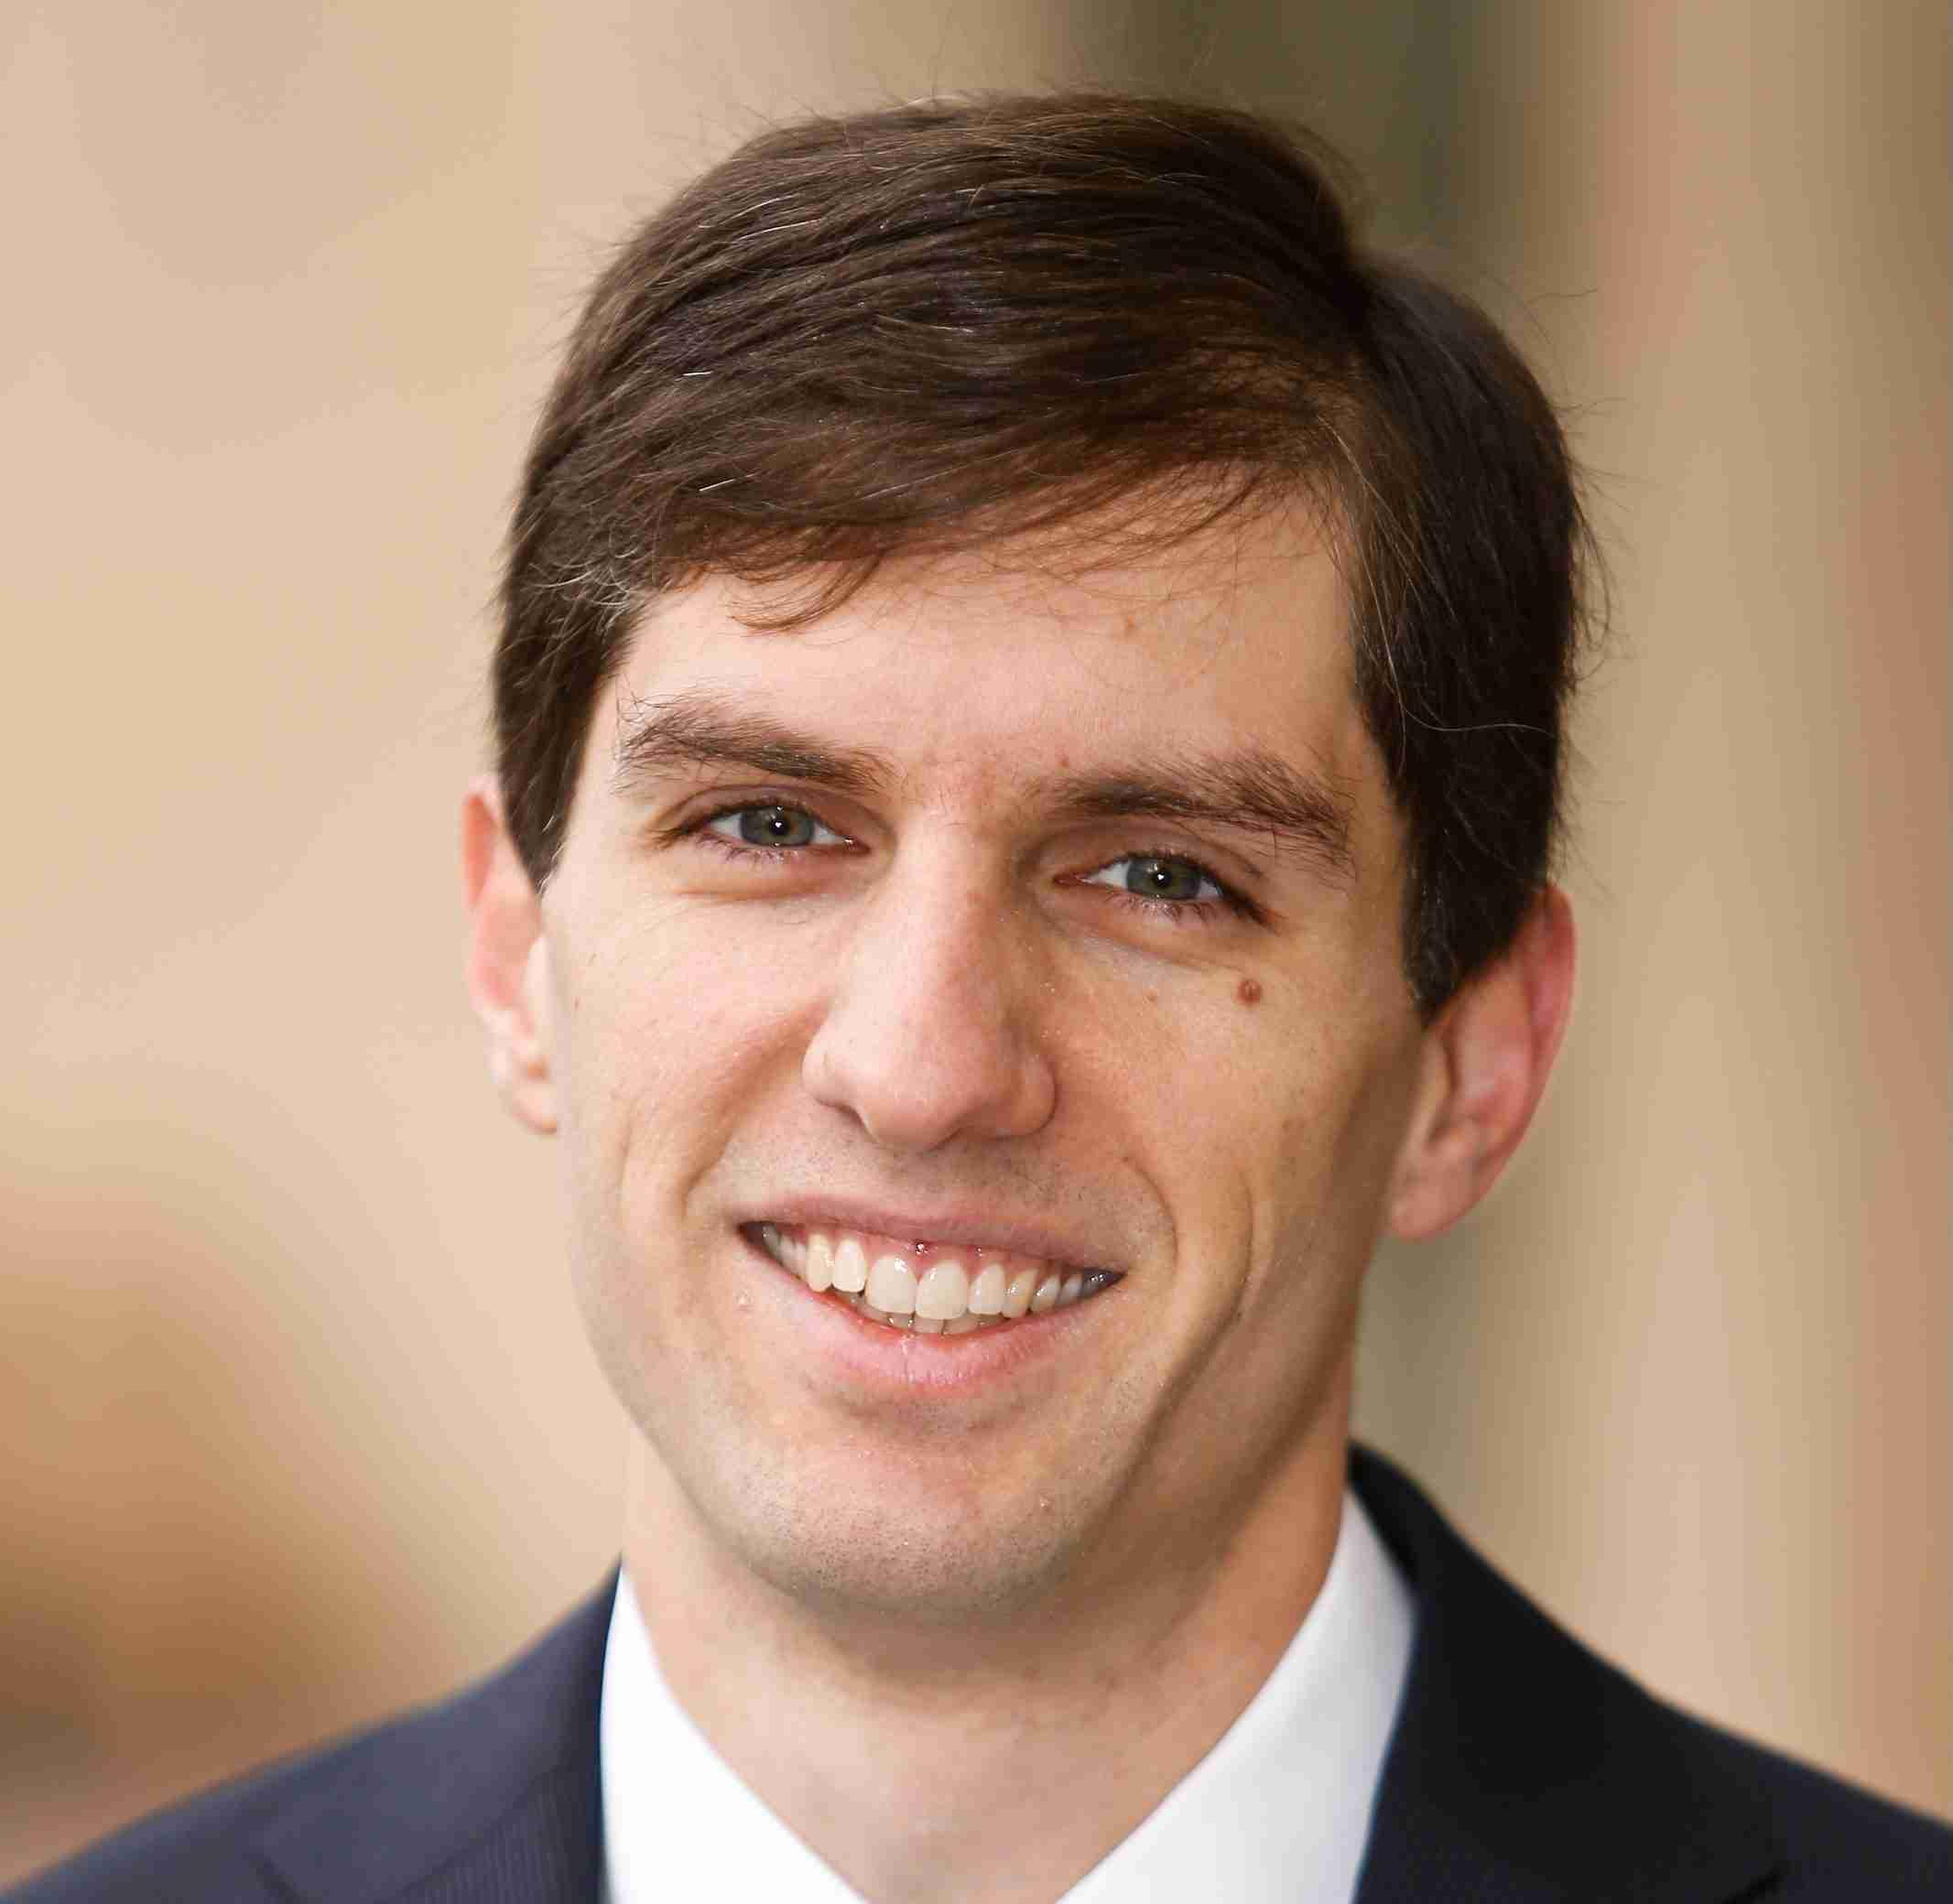 Matt Fiedler